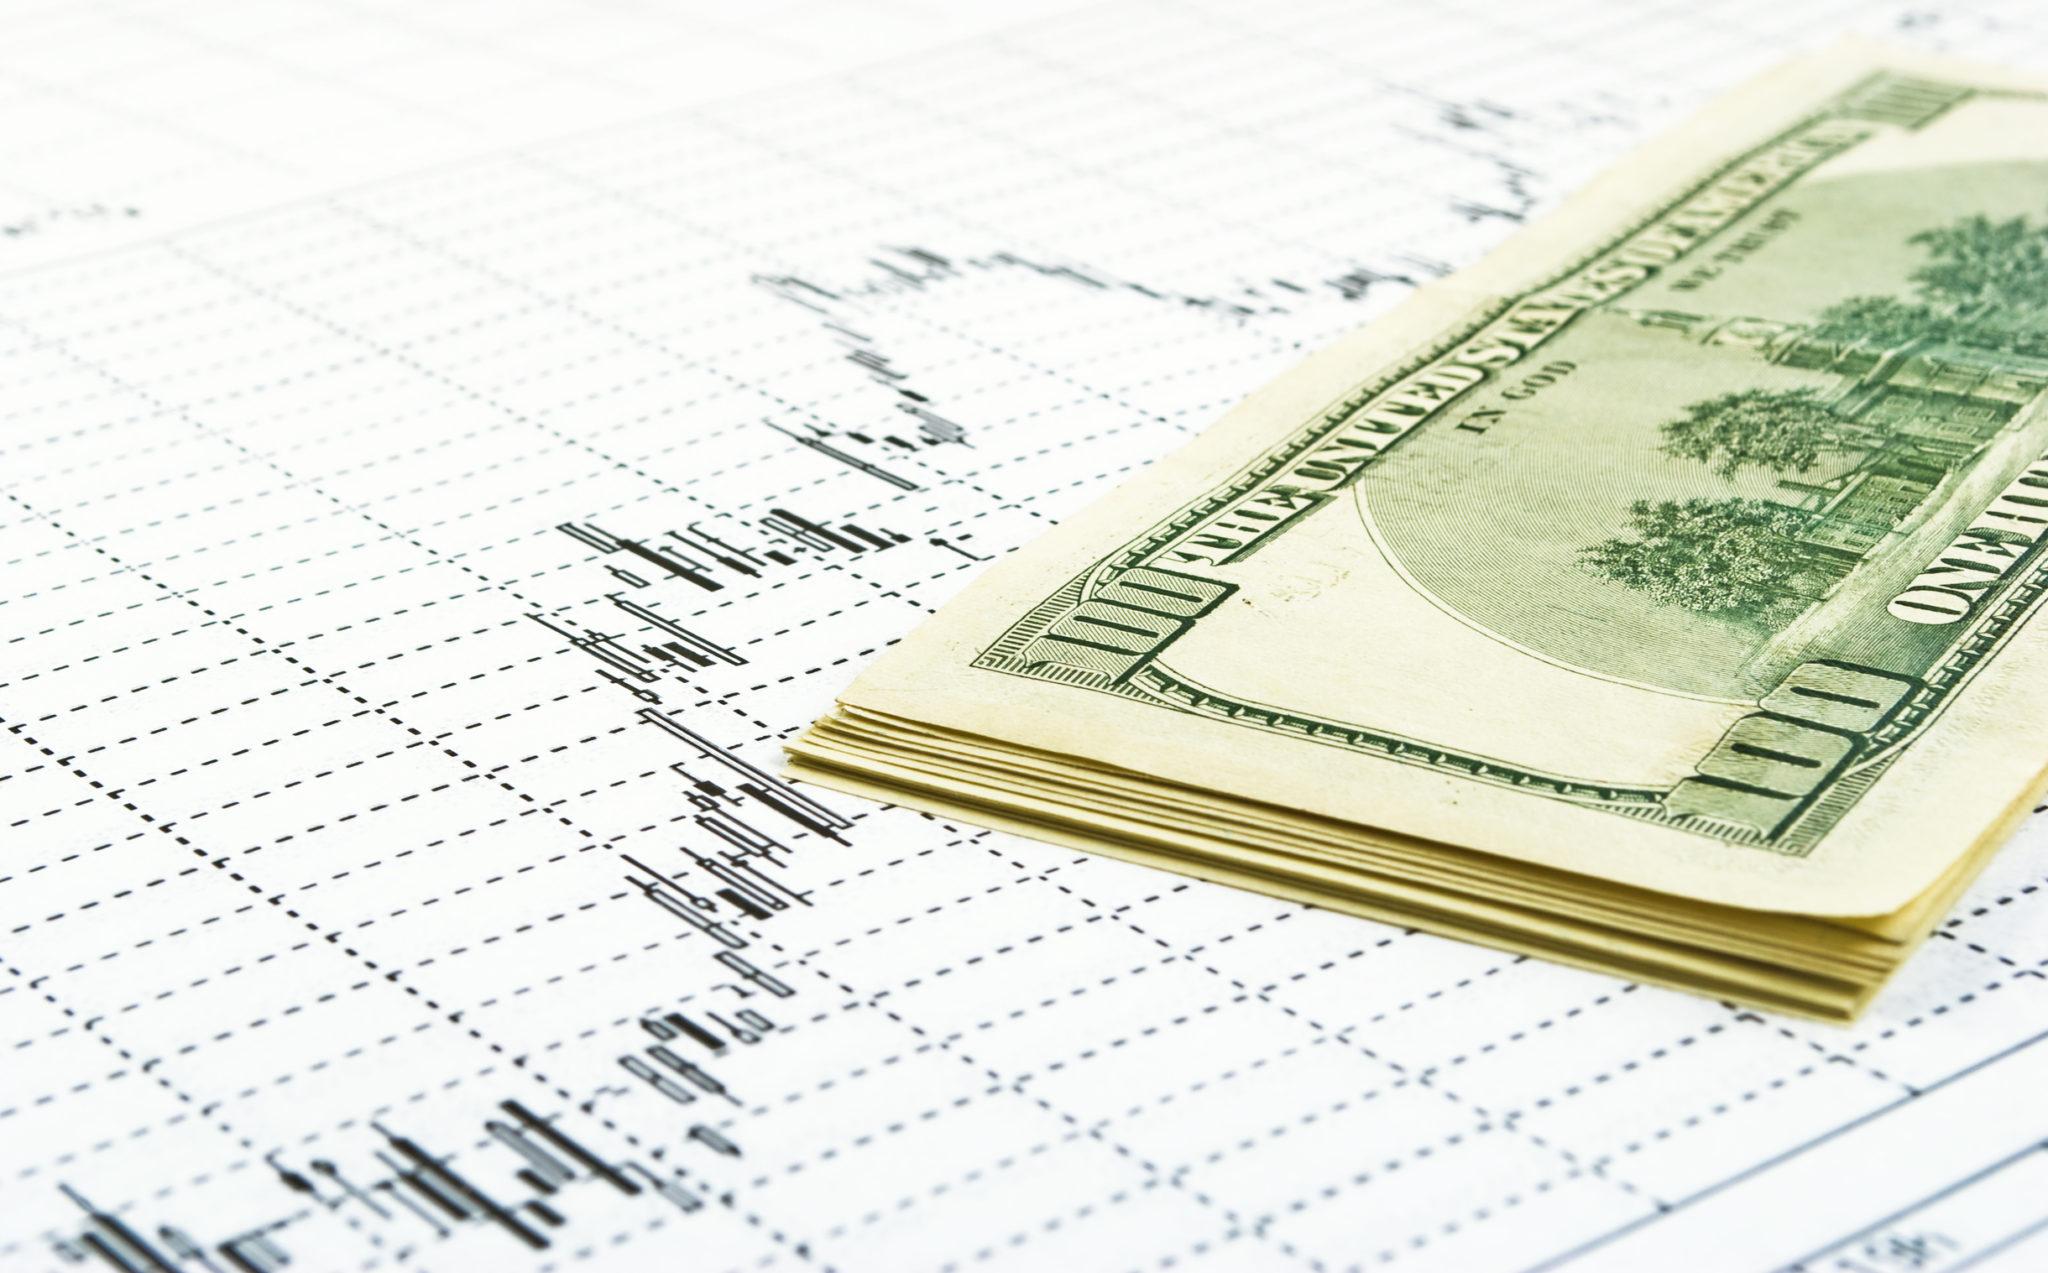 Покупка акций за неделю до дивидендов и немедленная продажа. Работает ли такая стратегия?